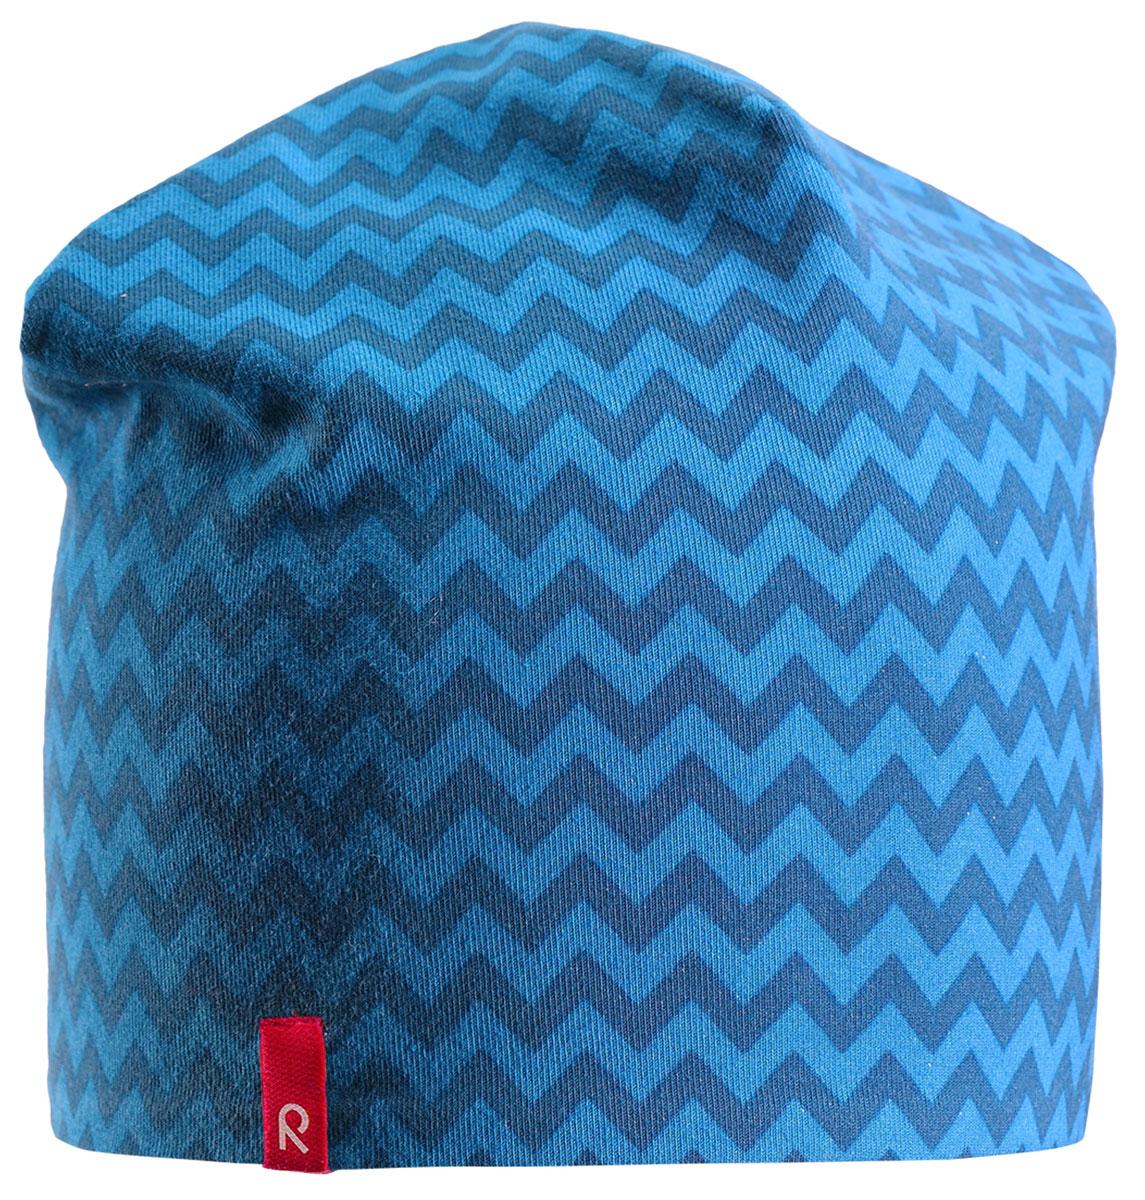 Шапка-бини детская Reima Hirvi, цвет: синий. 5285396492. Размер 545285396492